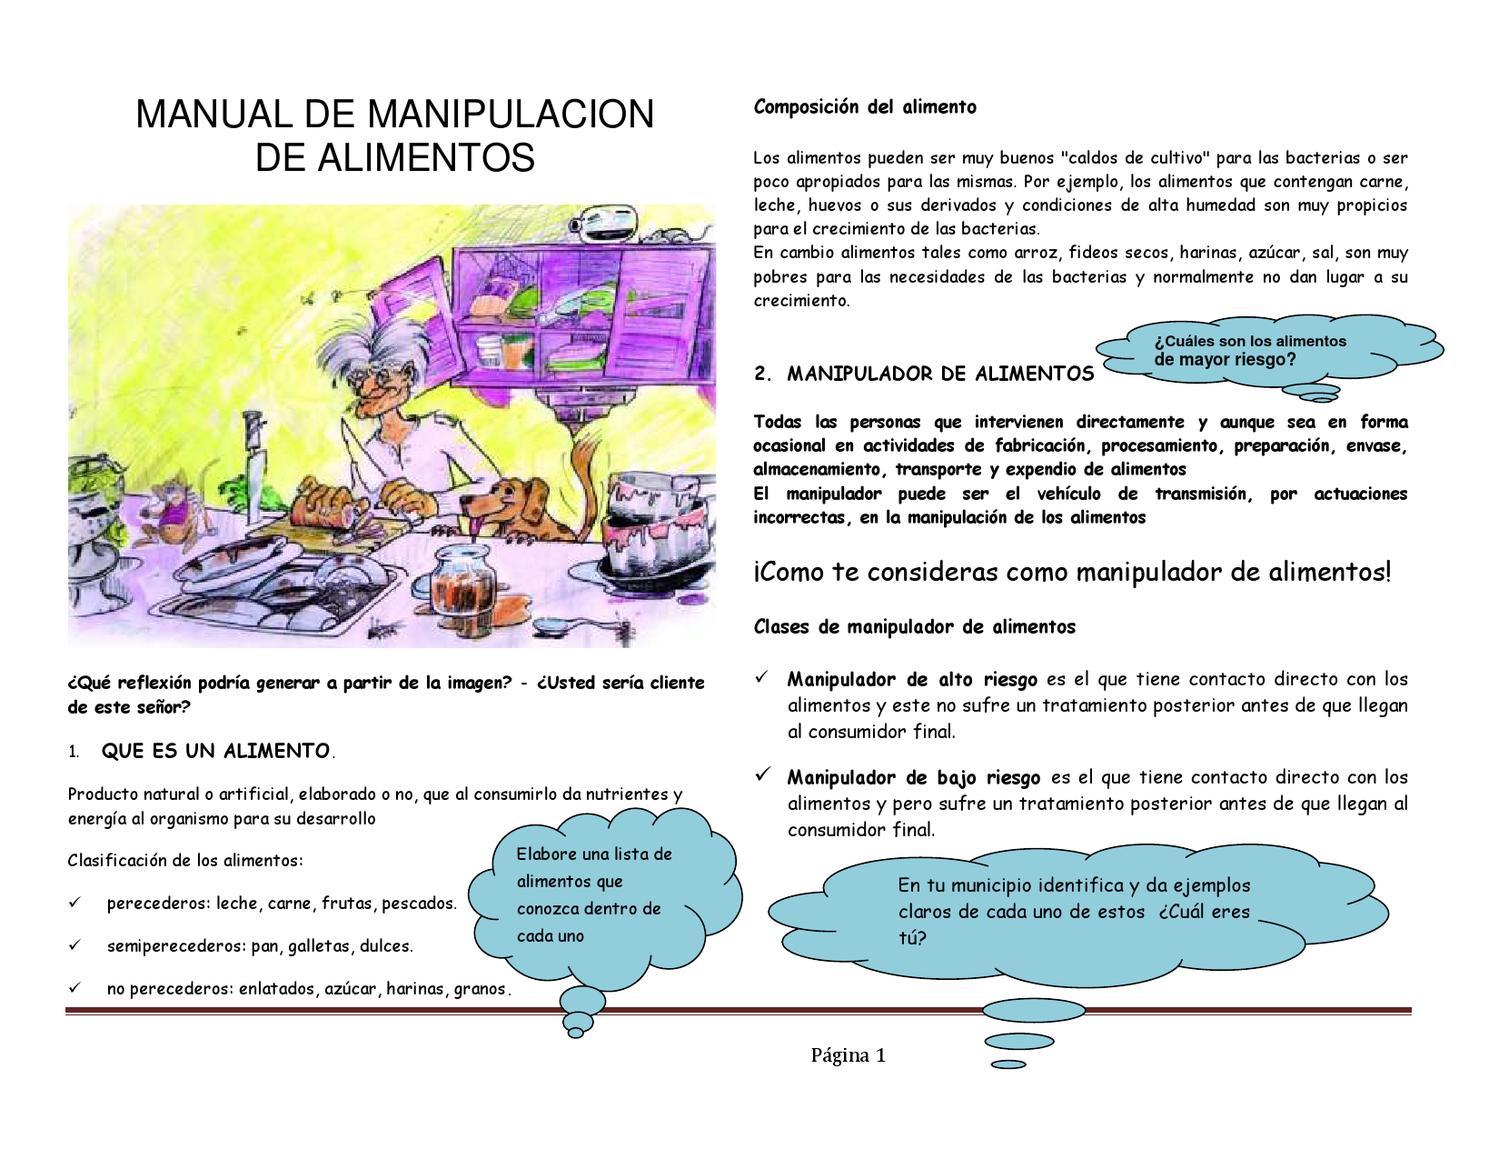 Actividad manual de manipulacion by articulacion lagranja issuu - Carne manipulacion de alimentos ...